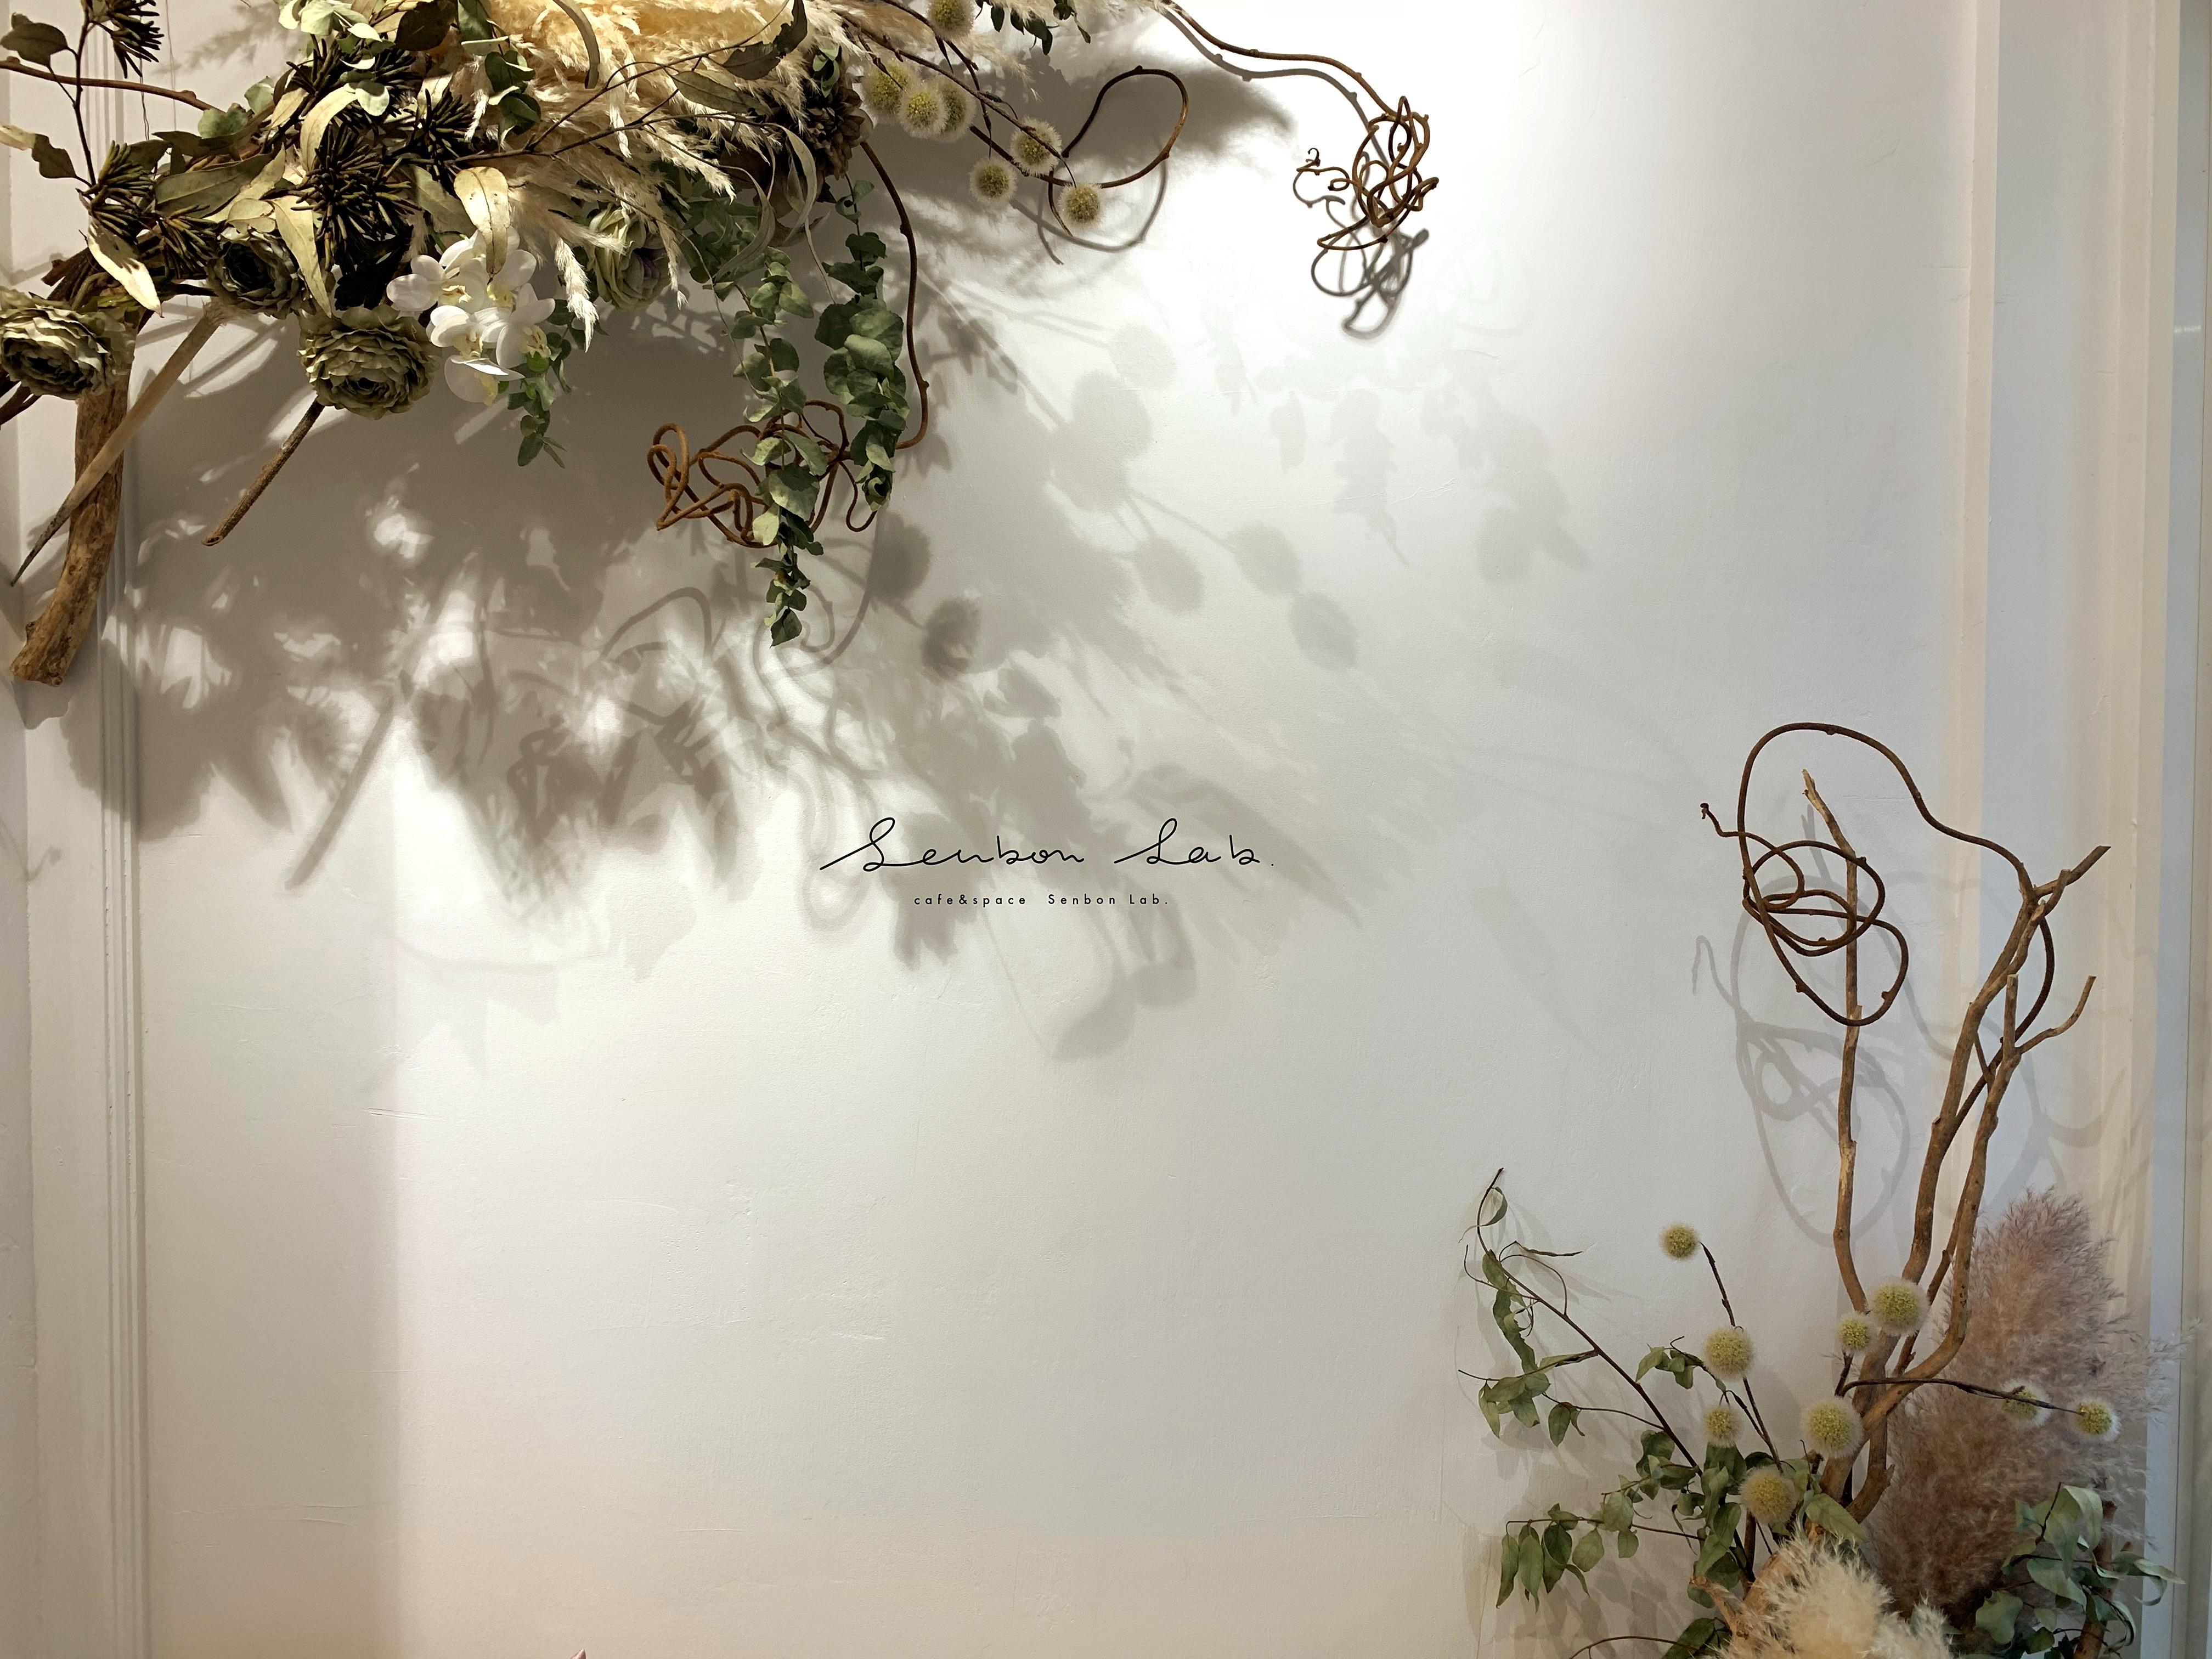 千本通にあるおしゃれなカフェSenbon Lab.のロゴ